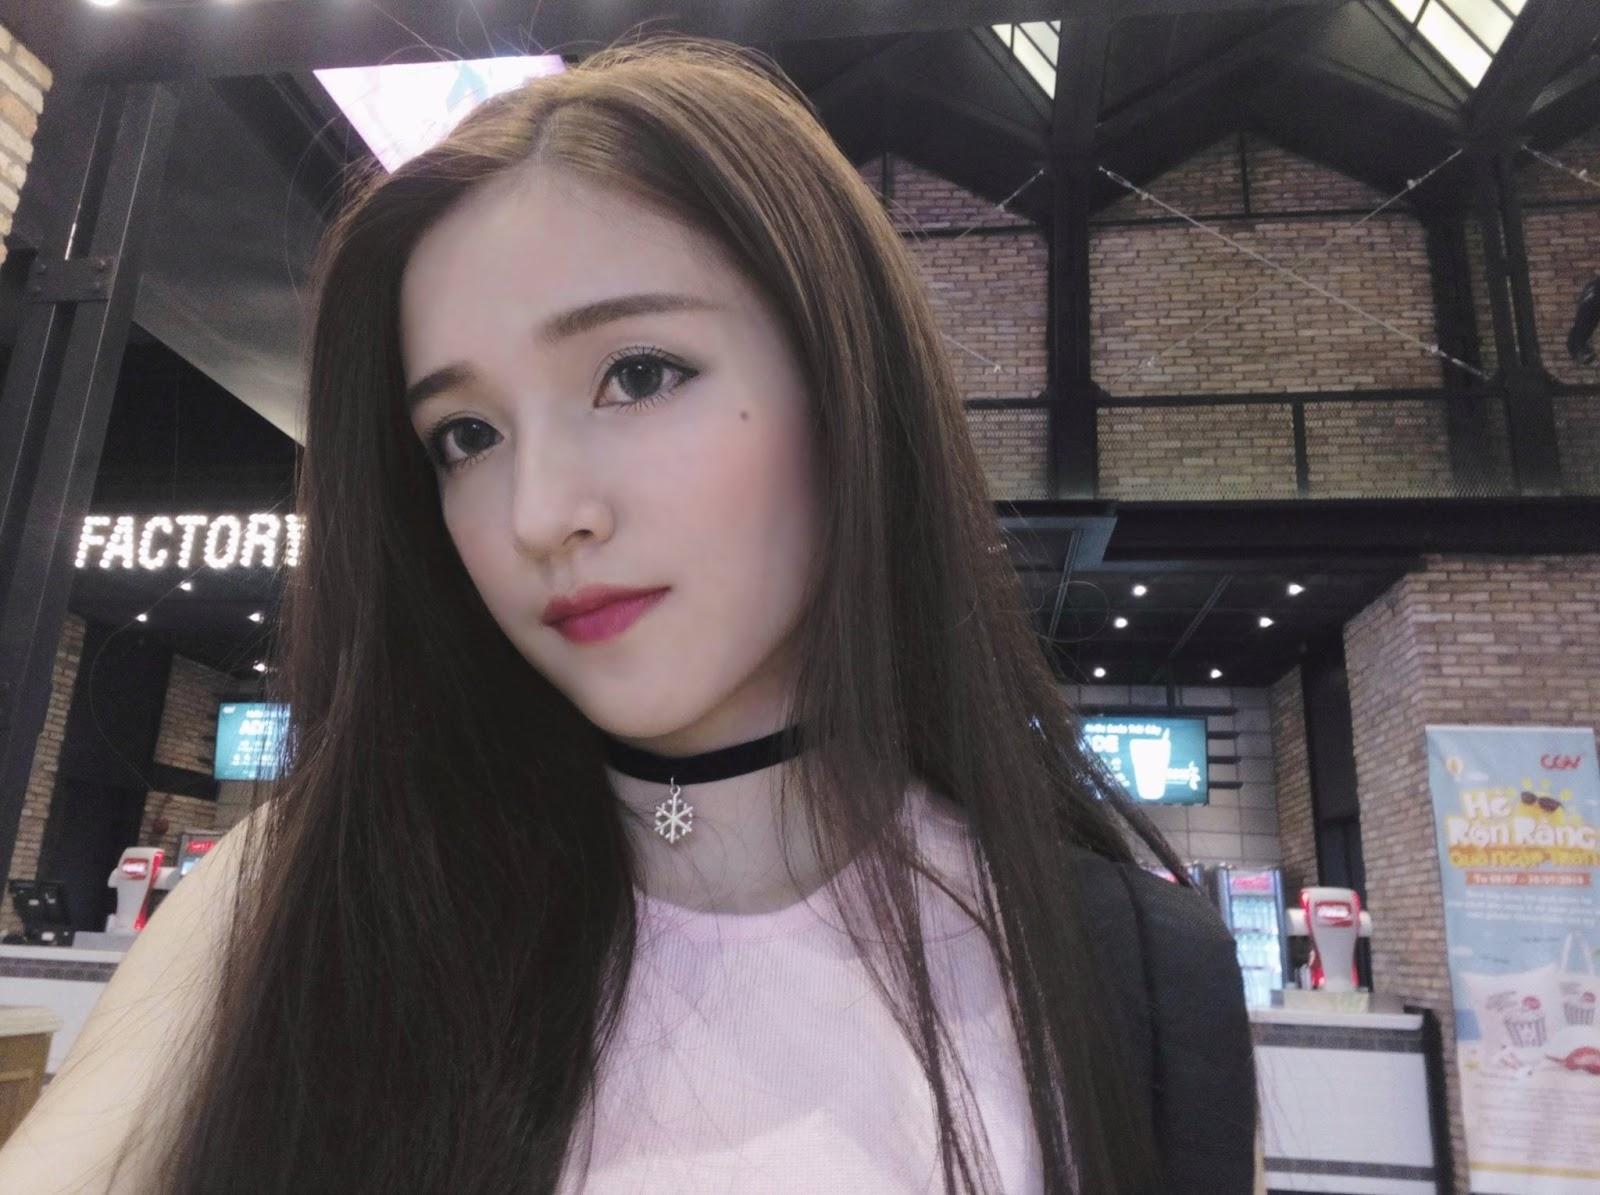 Bộ ảnh full về teen girl Sam Bé,ảnh girl xinh hd , girl xinh facebook , girl xinh Việt , ảnh đẹp , ngắm girl xinh , teen girl dáng chuẩn  1